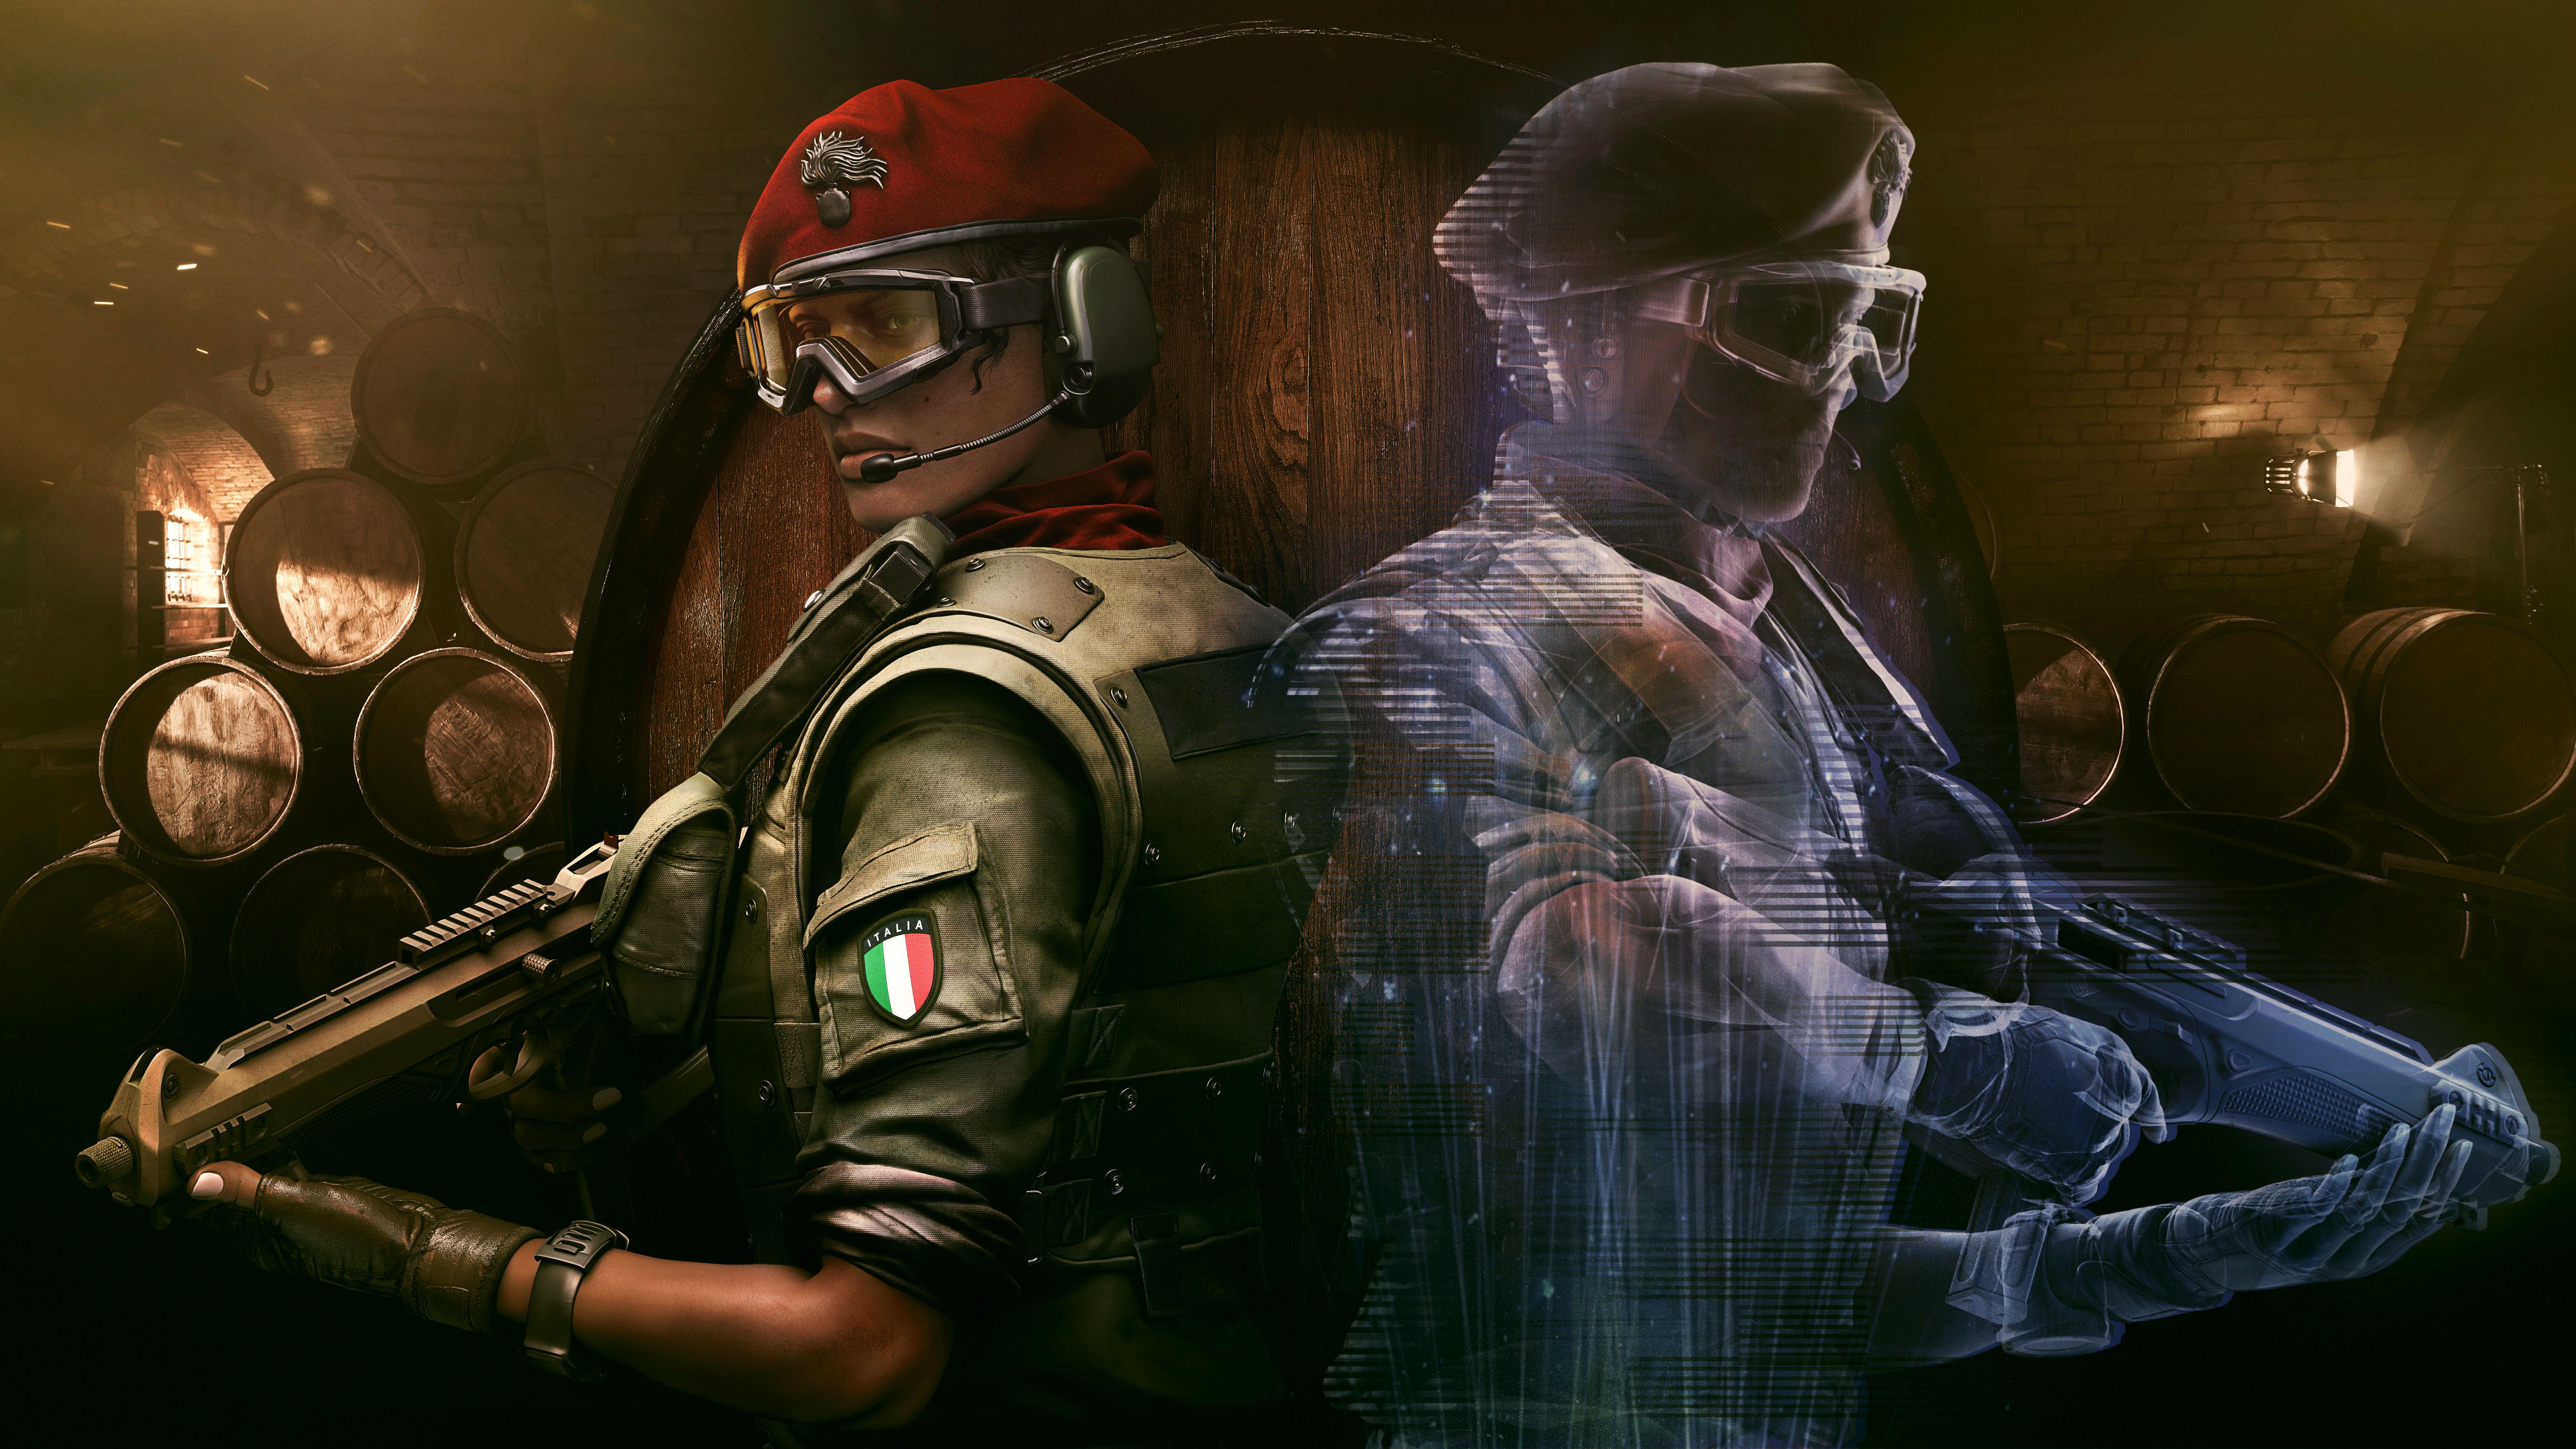 Alibi In Tom Clancys Rainbow Six Siege 4k 8k Rainbow Six Siege Operators Wallpapers Rainbow Wallpaper 4k